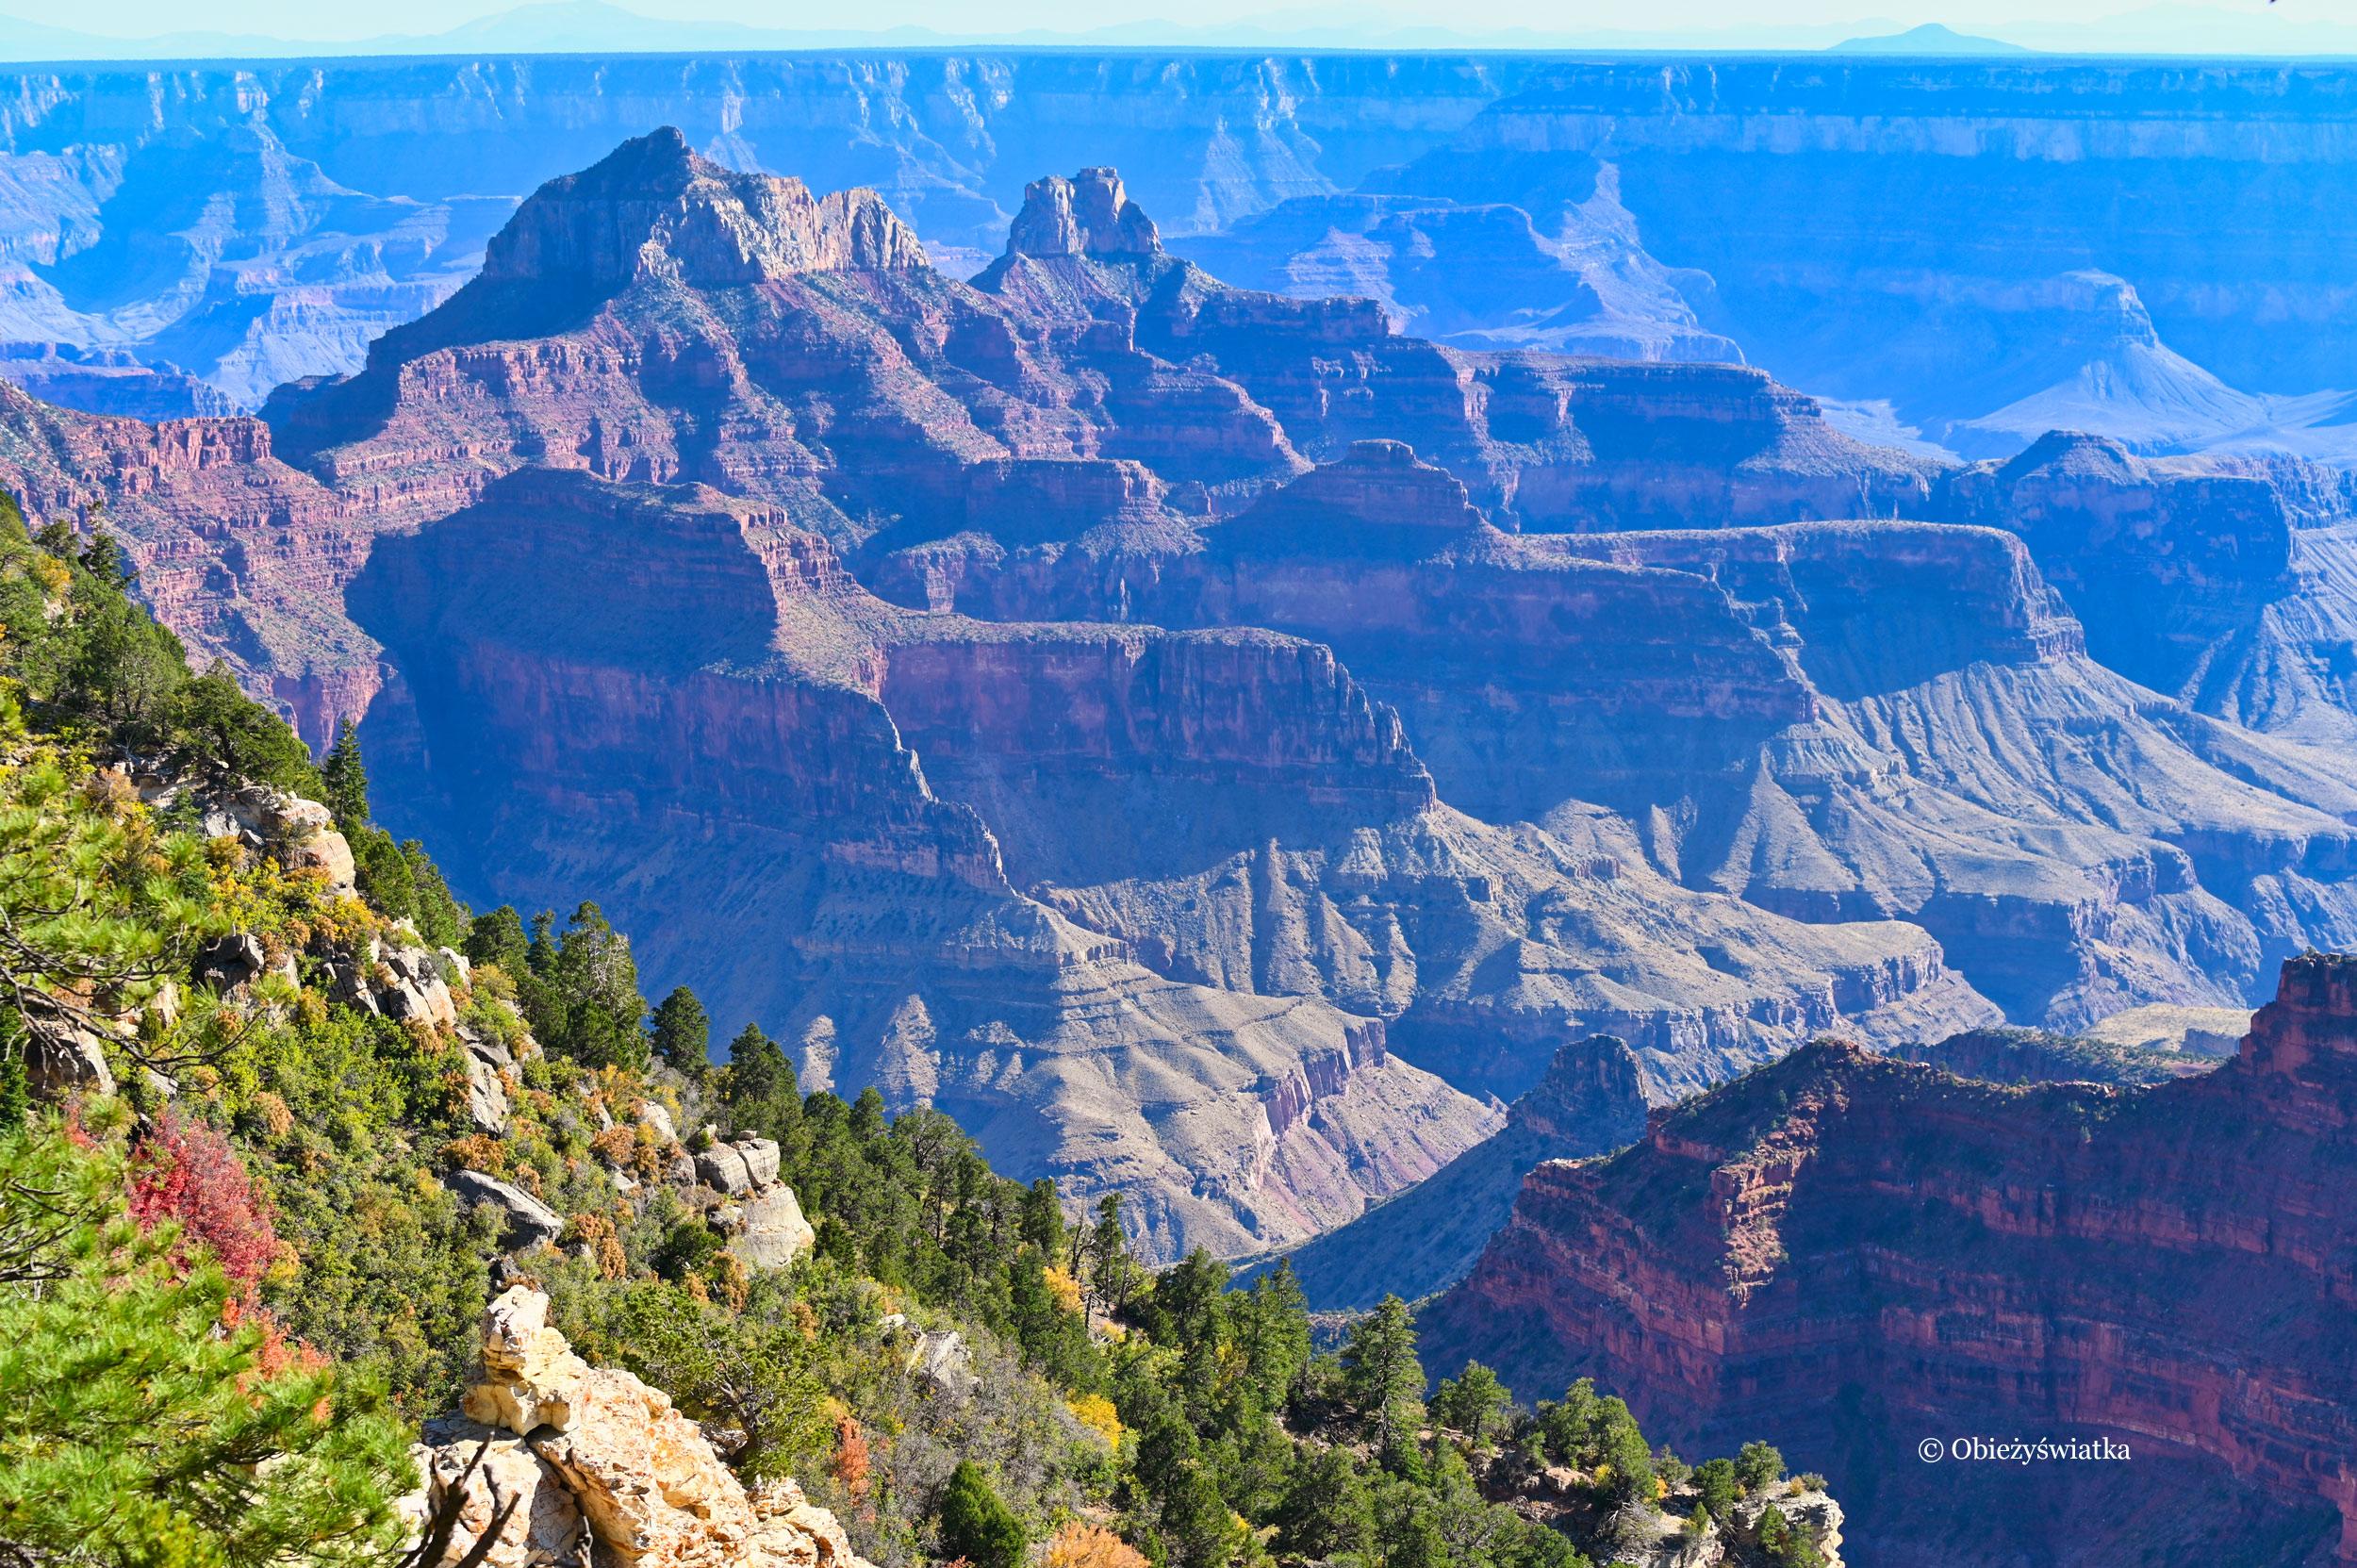 Wielki Kanion - Grand Canyon, widok z północnej strony